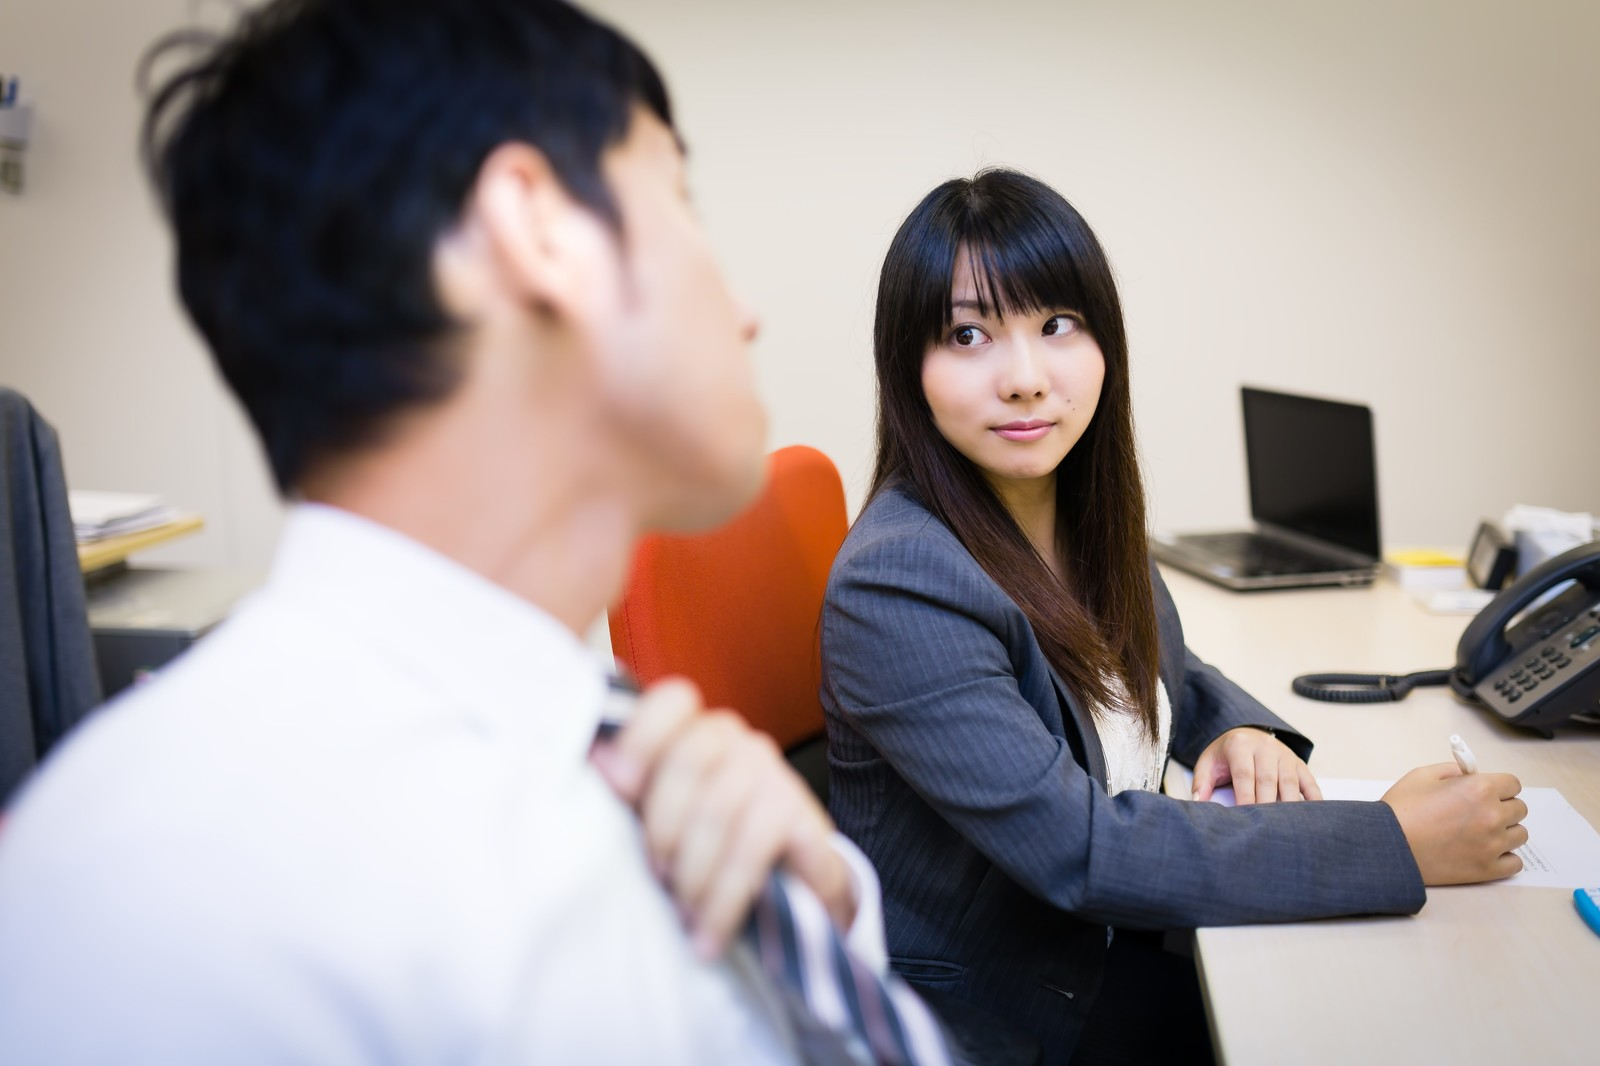 「気になる先輩の横顔を見つめる女性と気付きネクタイを締め直す上司」[モデル:大川竜弥 Lala]